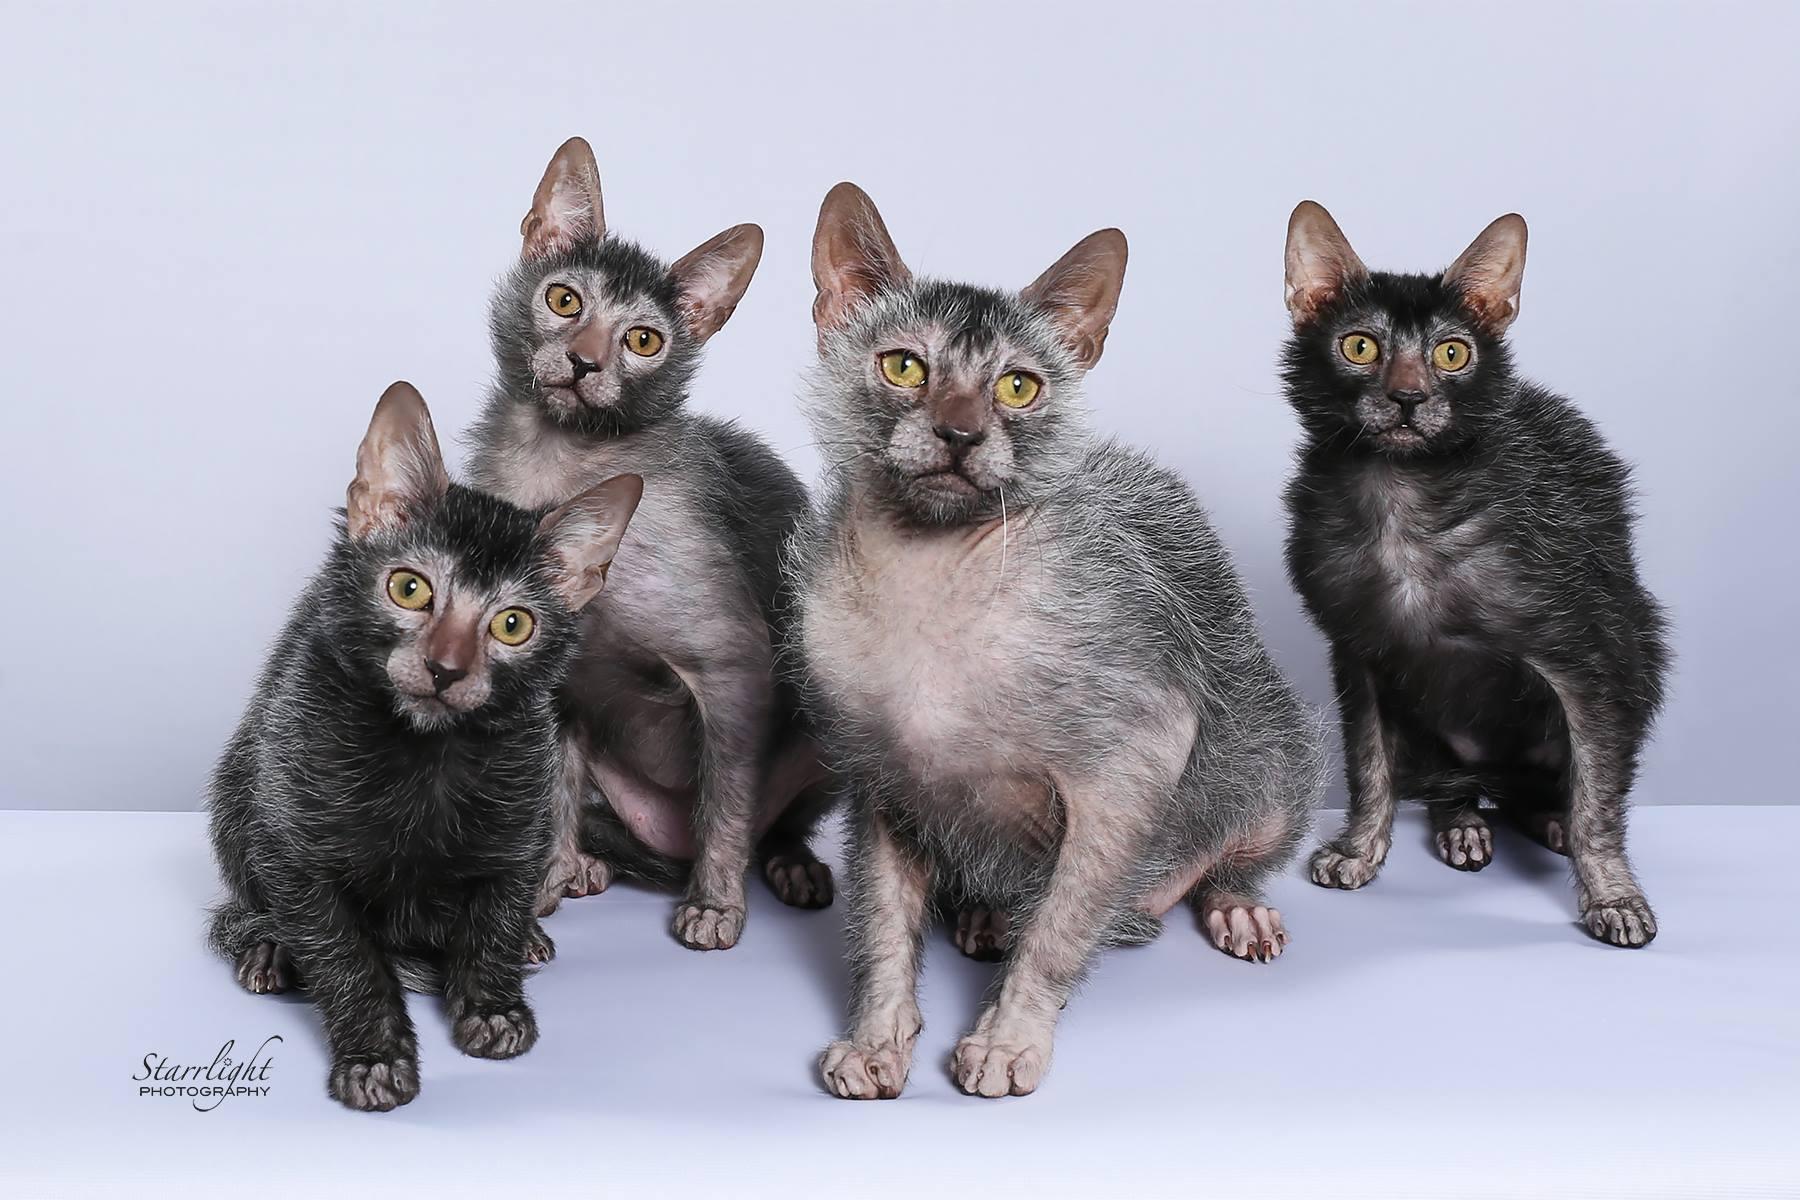 NEVADA WERECATS LYKOI CATTERY NADACATZ WEREWOLF CATS